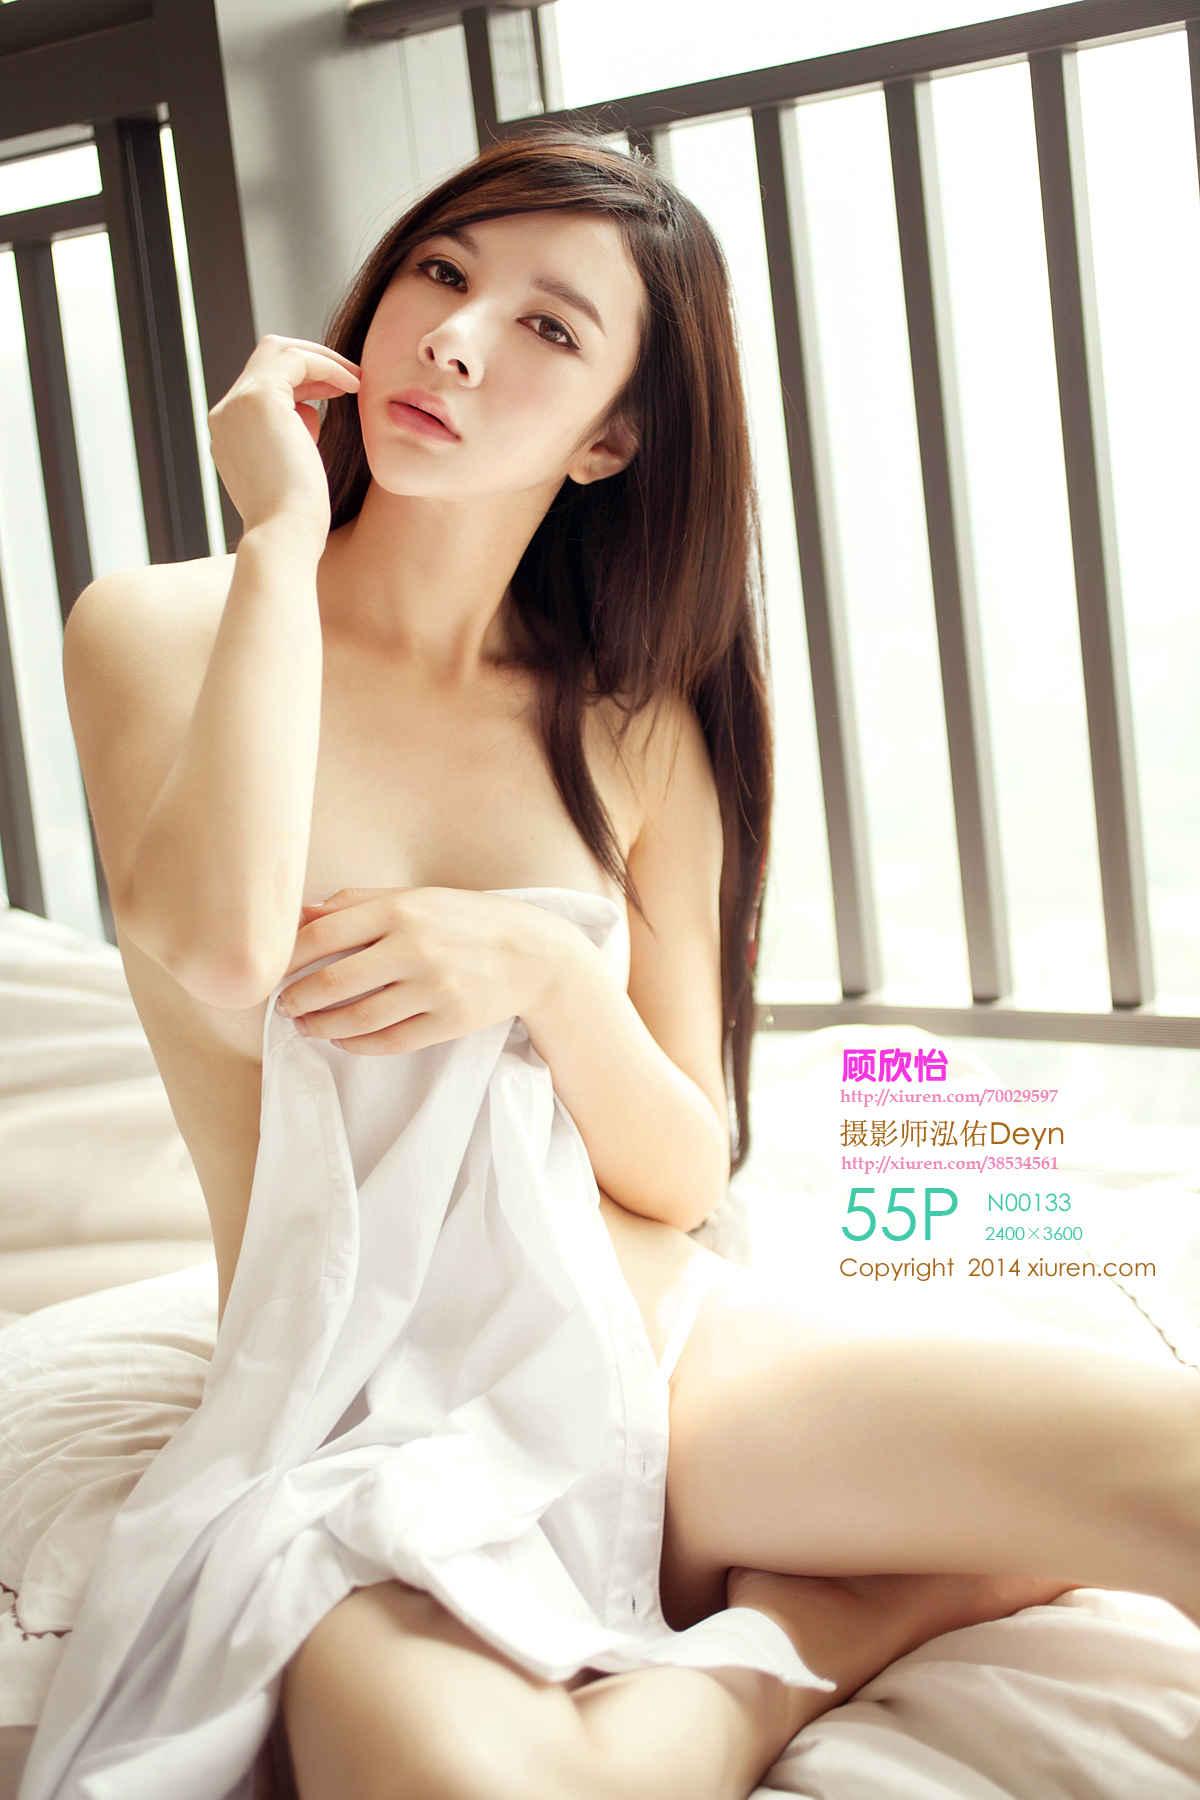 XiuRen-N00133-guxinyi-cover.jpg